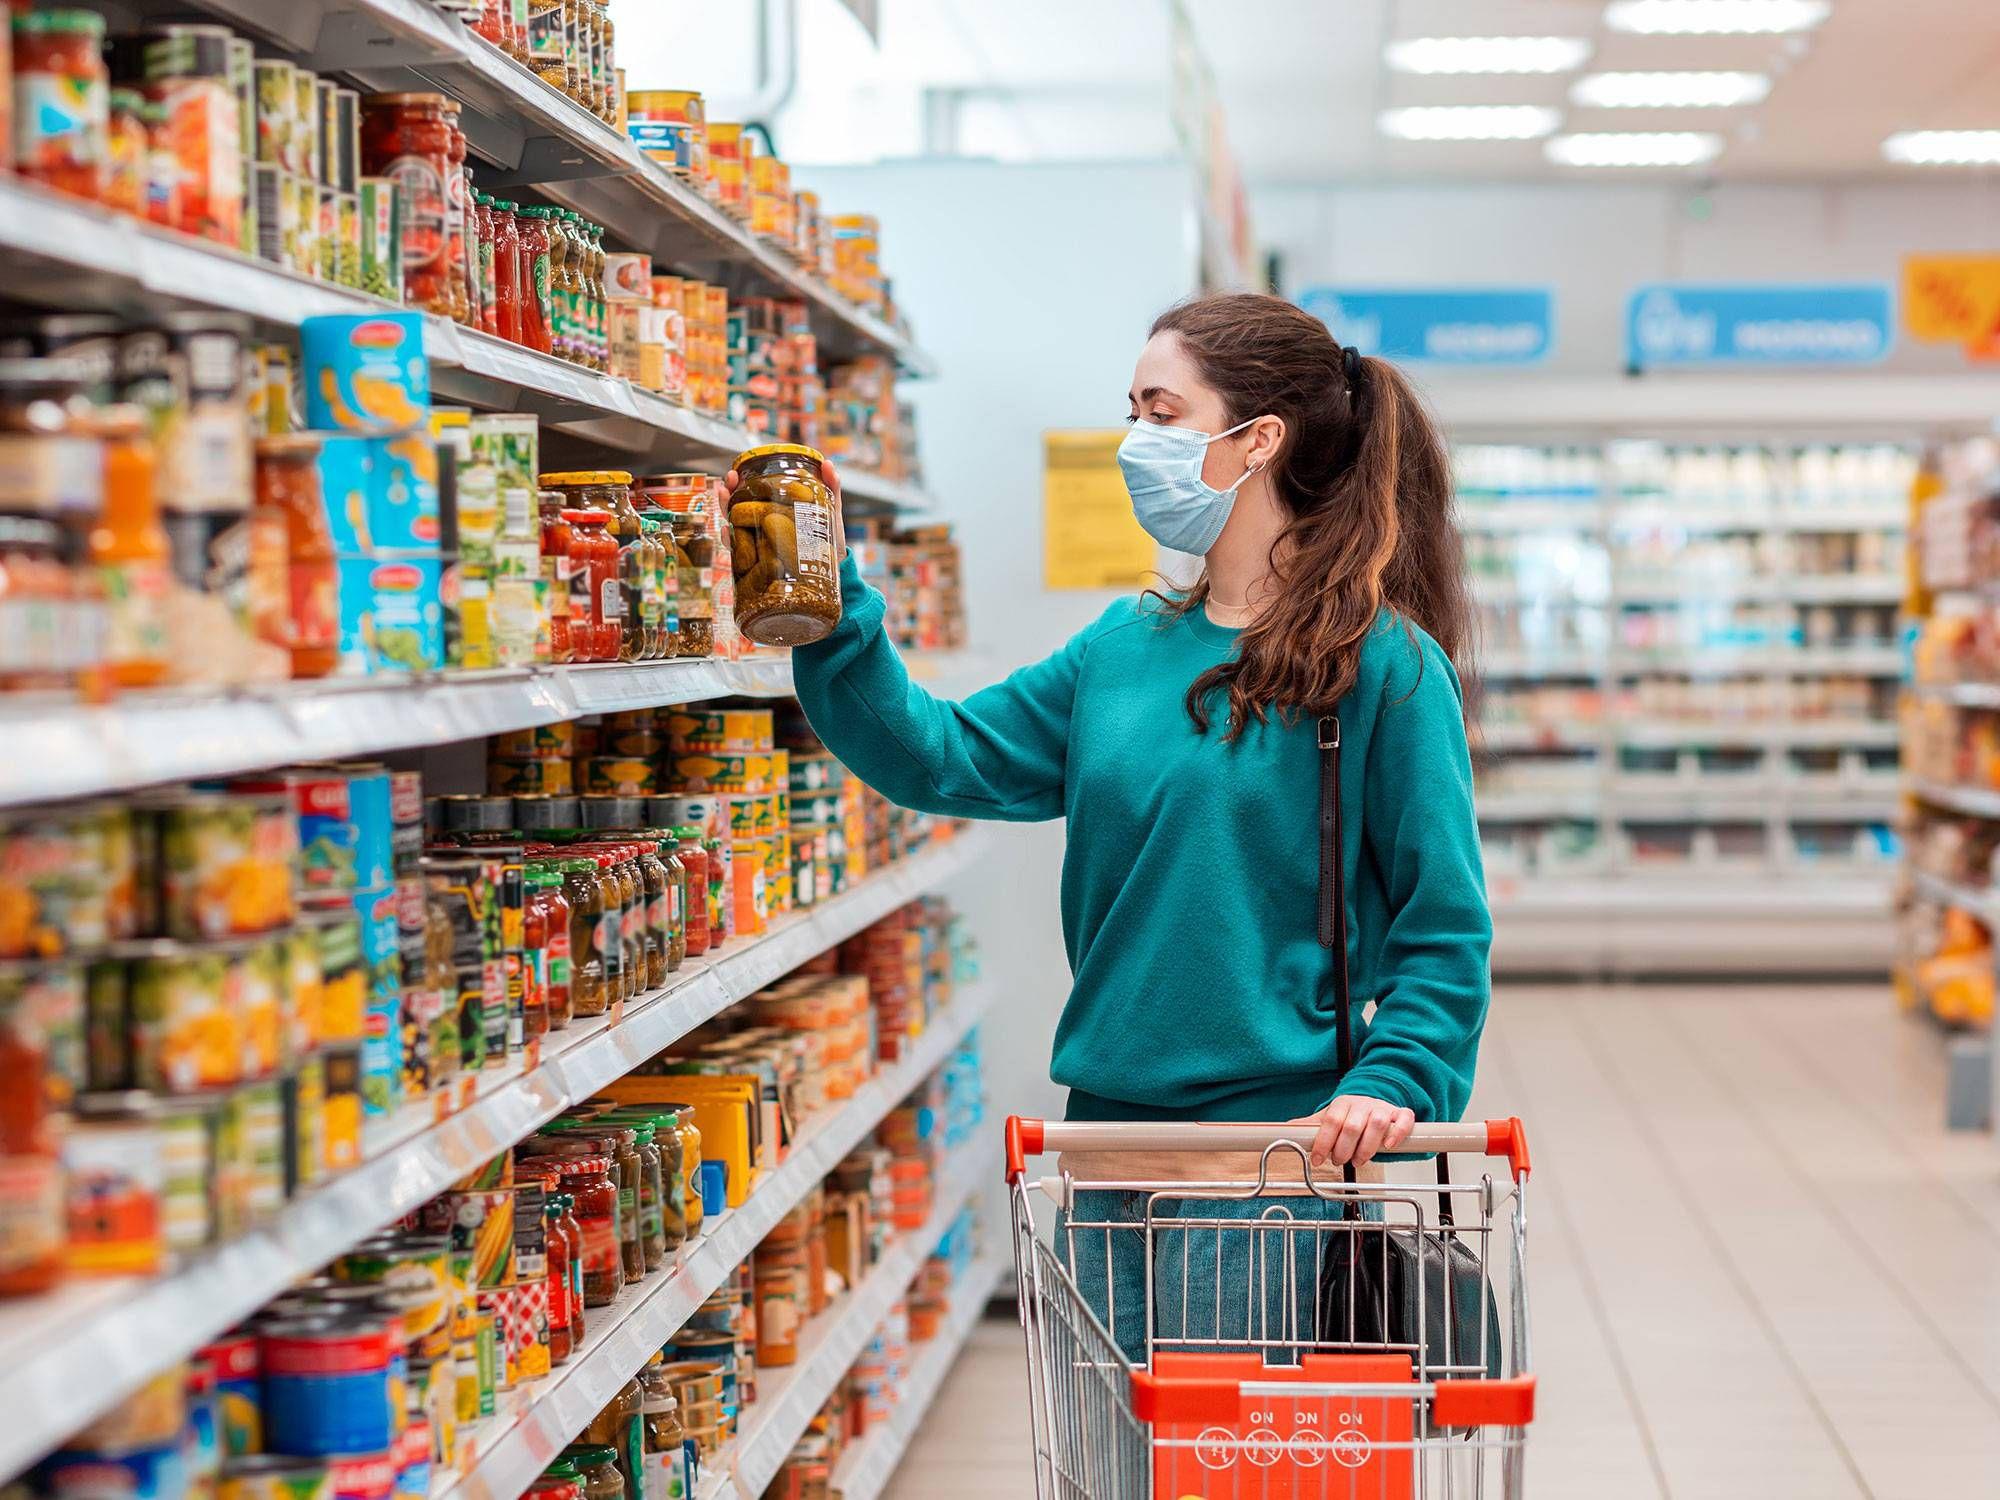 食品安全解决方案连锁餐厅和零售业的质量管理系统